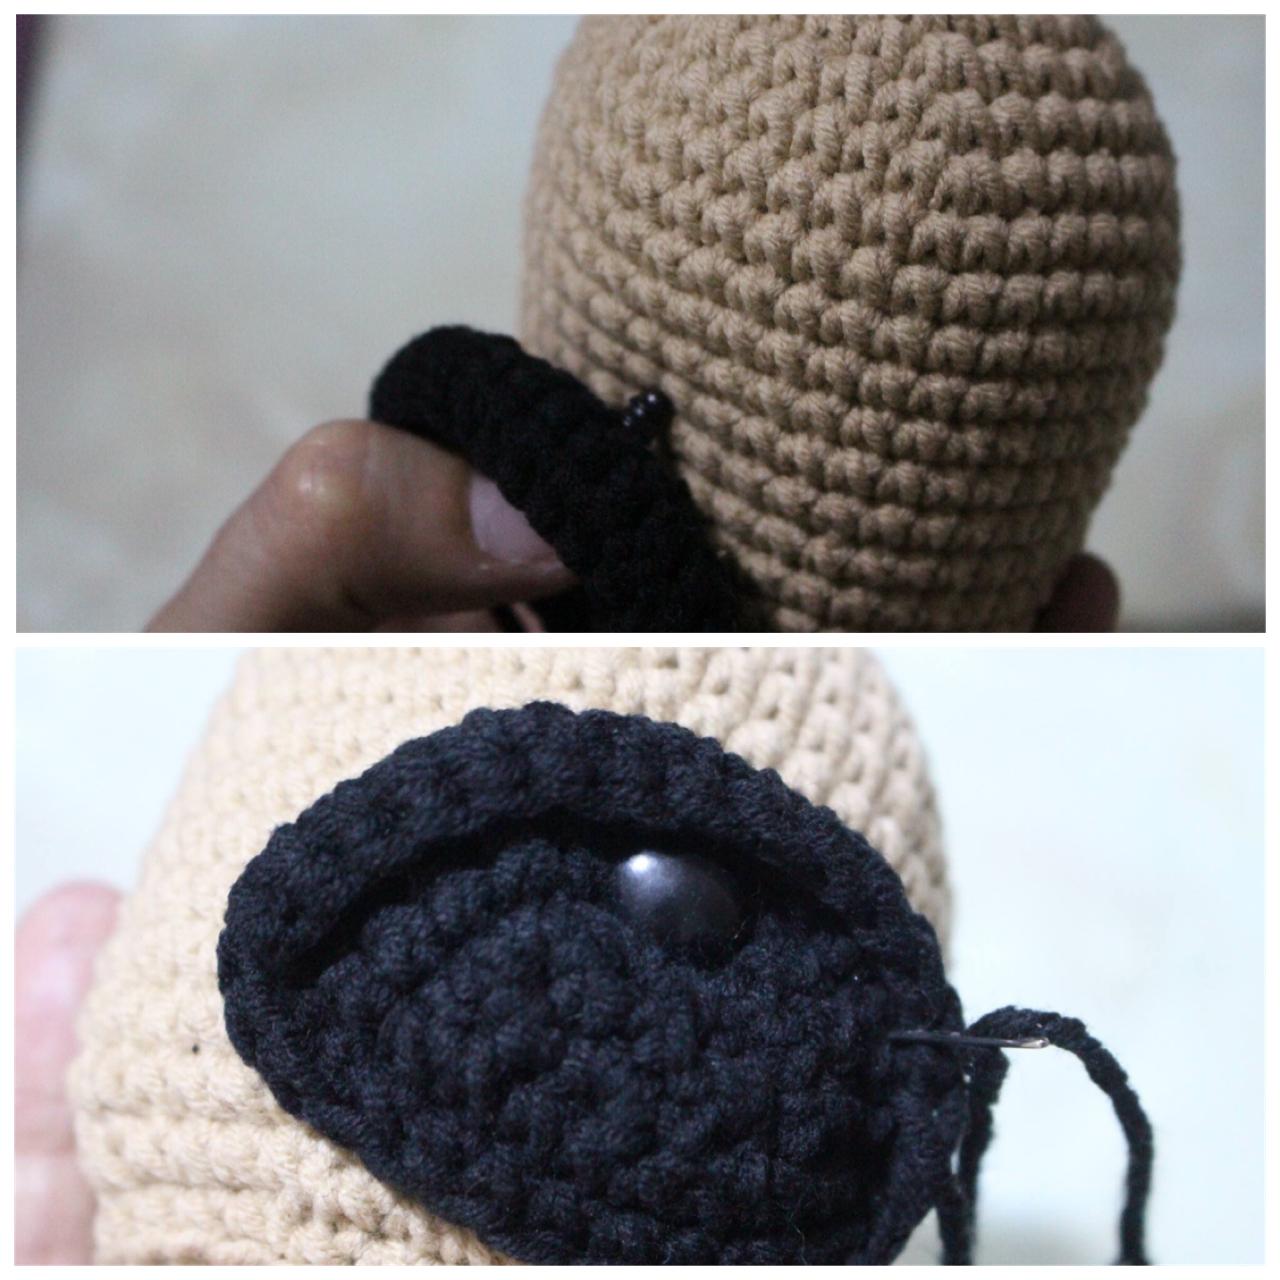 Cute Crochet Pug Dog - Free Pattern - DIY 4 EVER   1280x1280